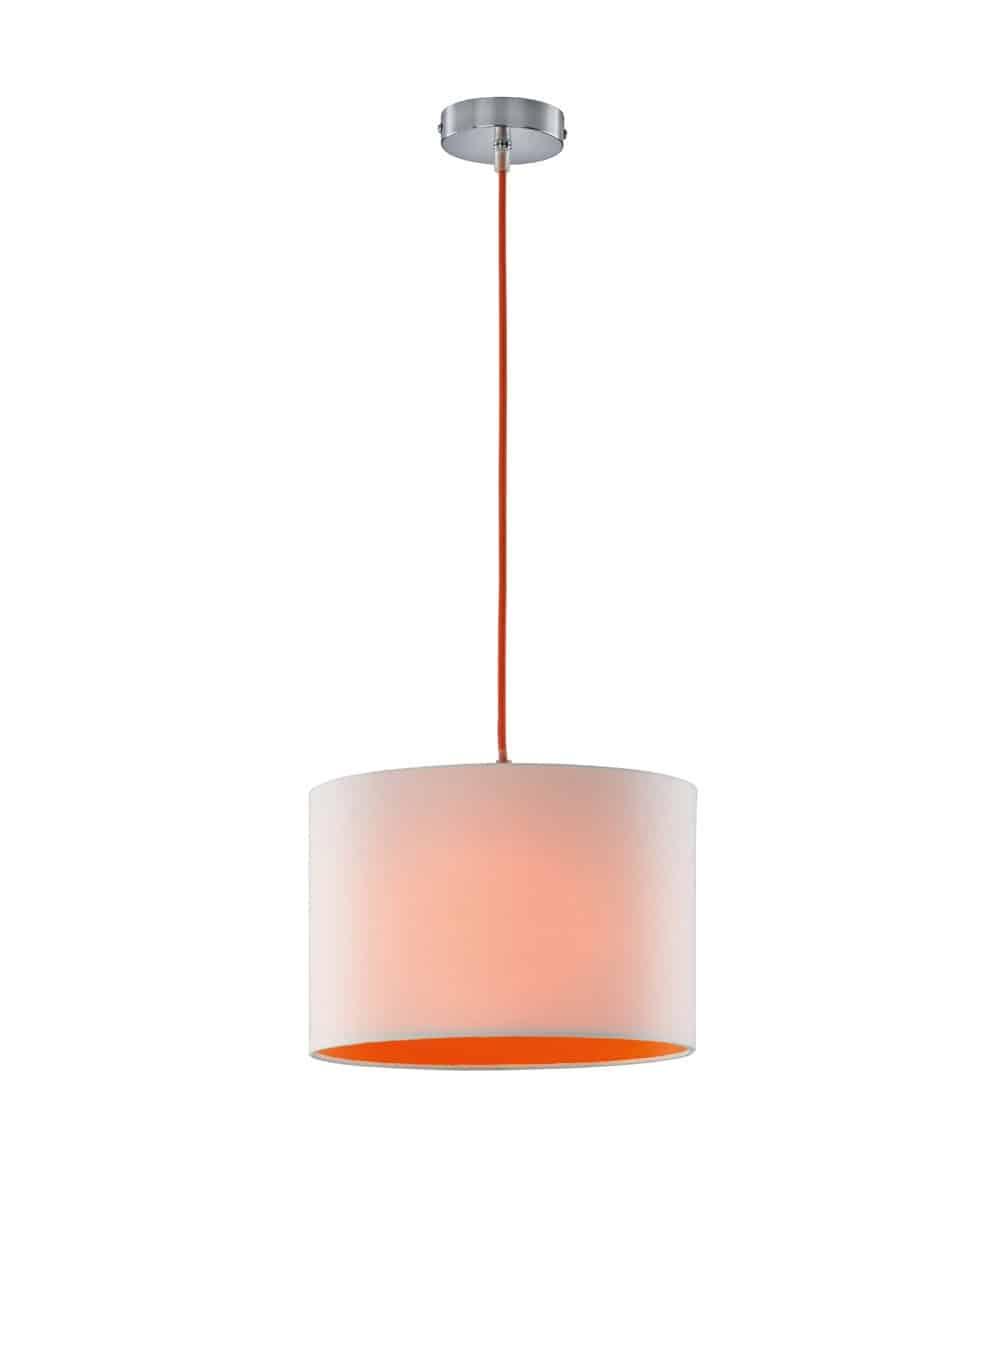 Φωτιστικό κρεμαστό Colorit 308500101 TRIO LIGHTING